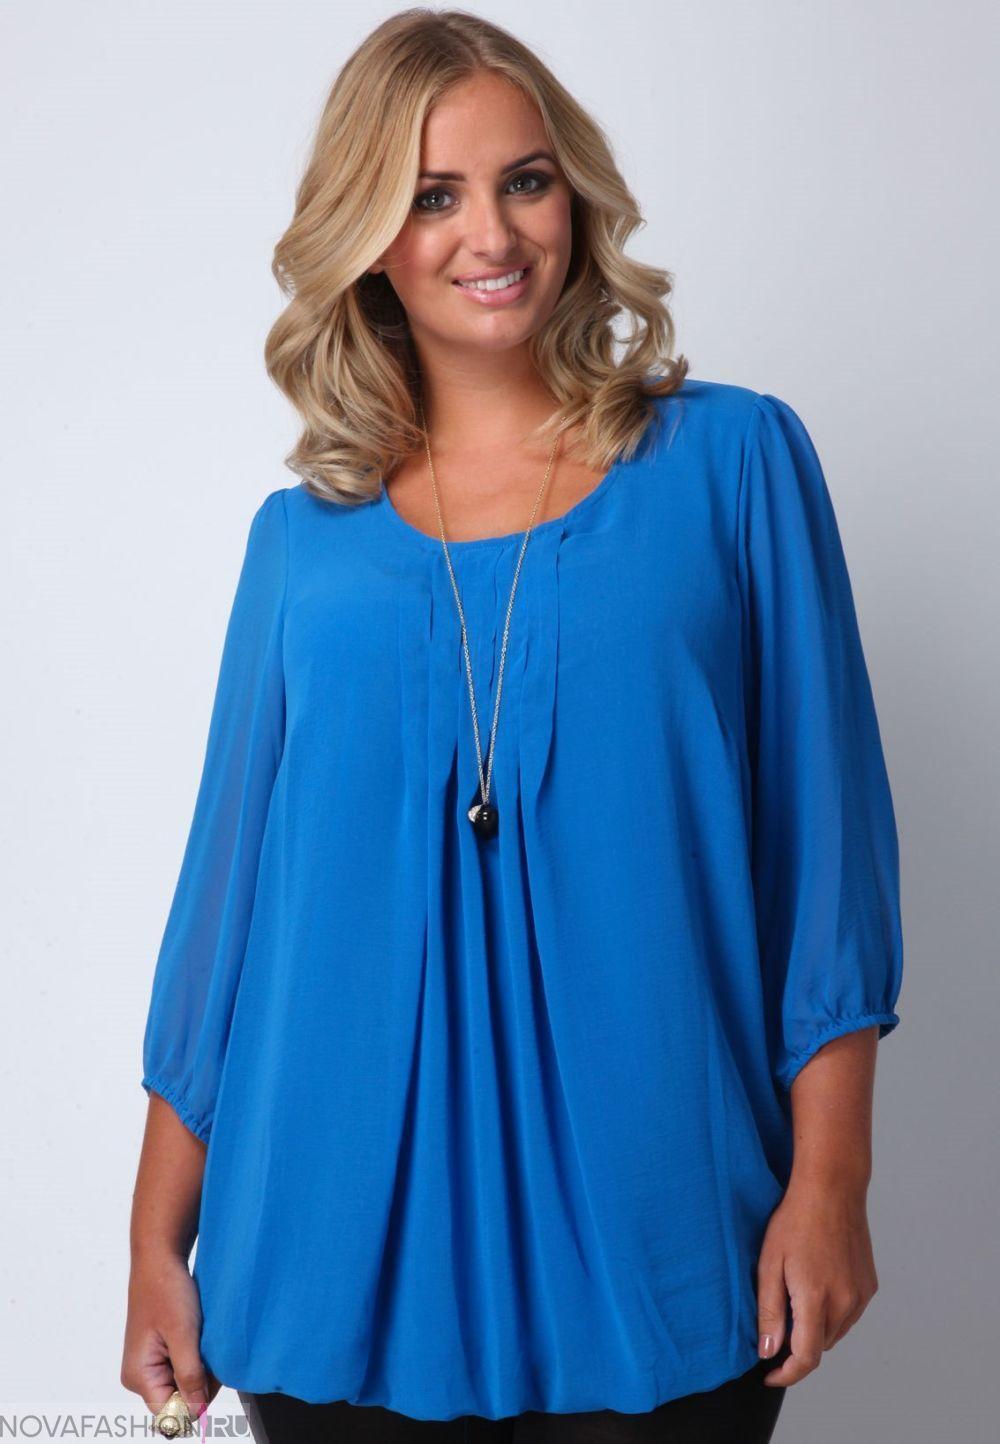 Блузки для полных женщин которые их стройнят выкройка фото 374